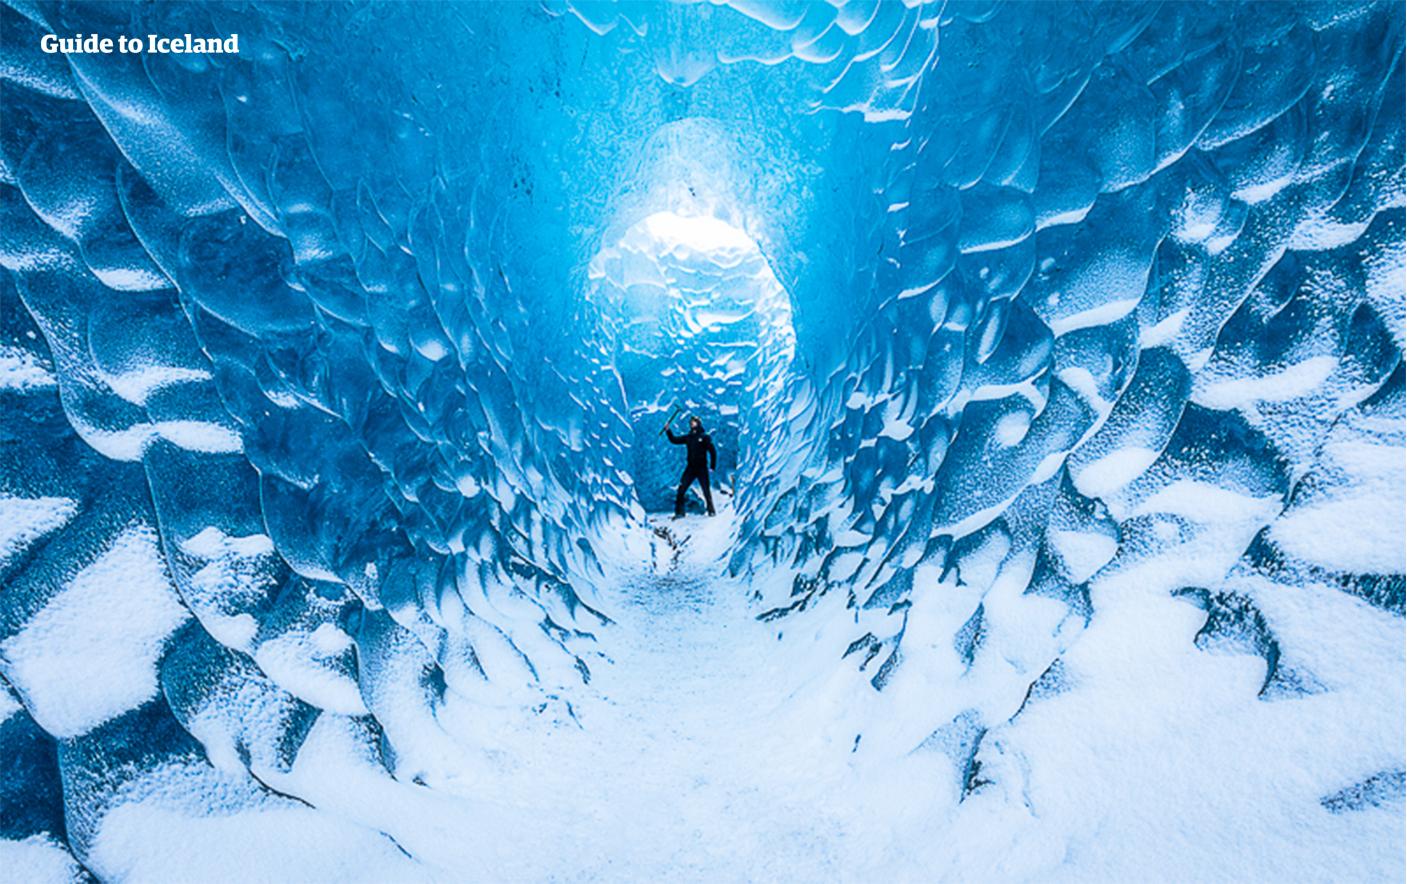 10 jours d'aventure | Hautes Terres en hiver et grotte de glace - day 4